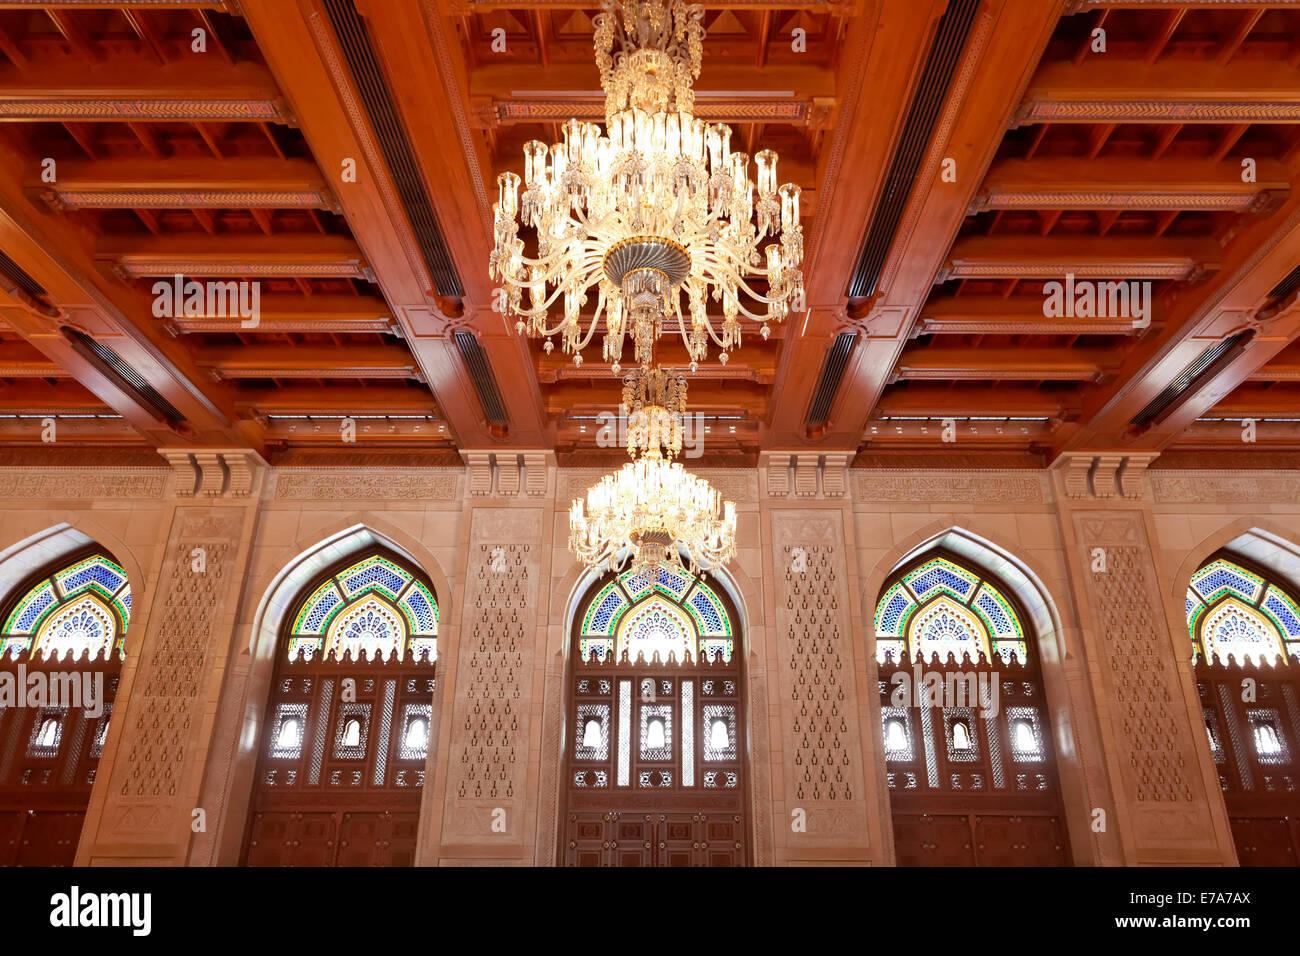 Gebetsraum für Frauen mit einer Holzdecke und einem Kronleuchter, Sultan Qaboos Moschee, Muscat, Oman Stockbild